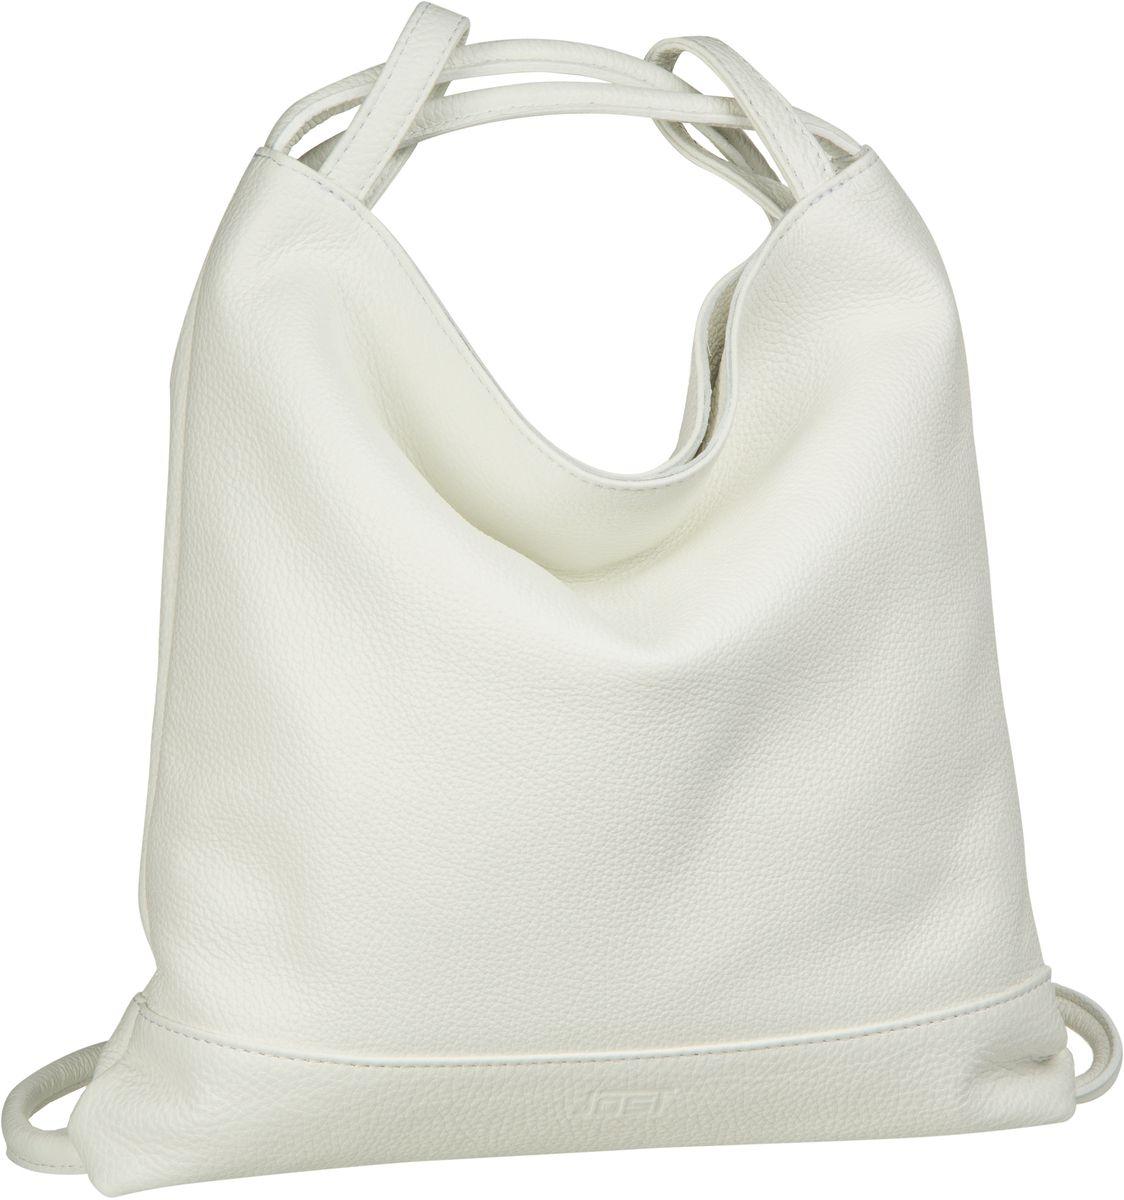 Rucksack / Daypack Vika 1831 Beutel-Rucksack Weiß